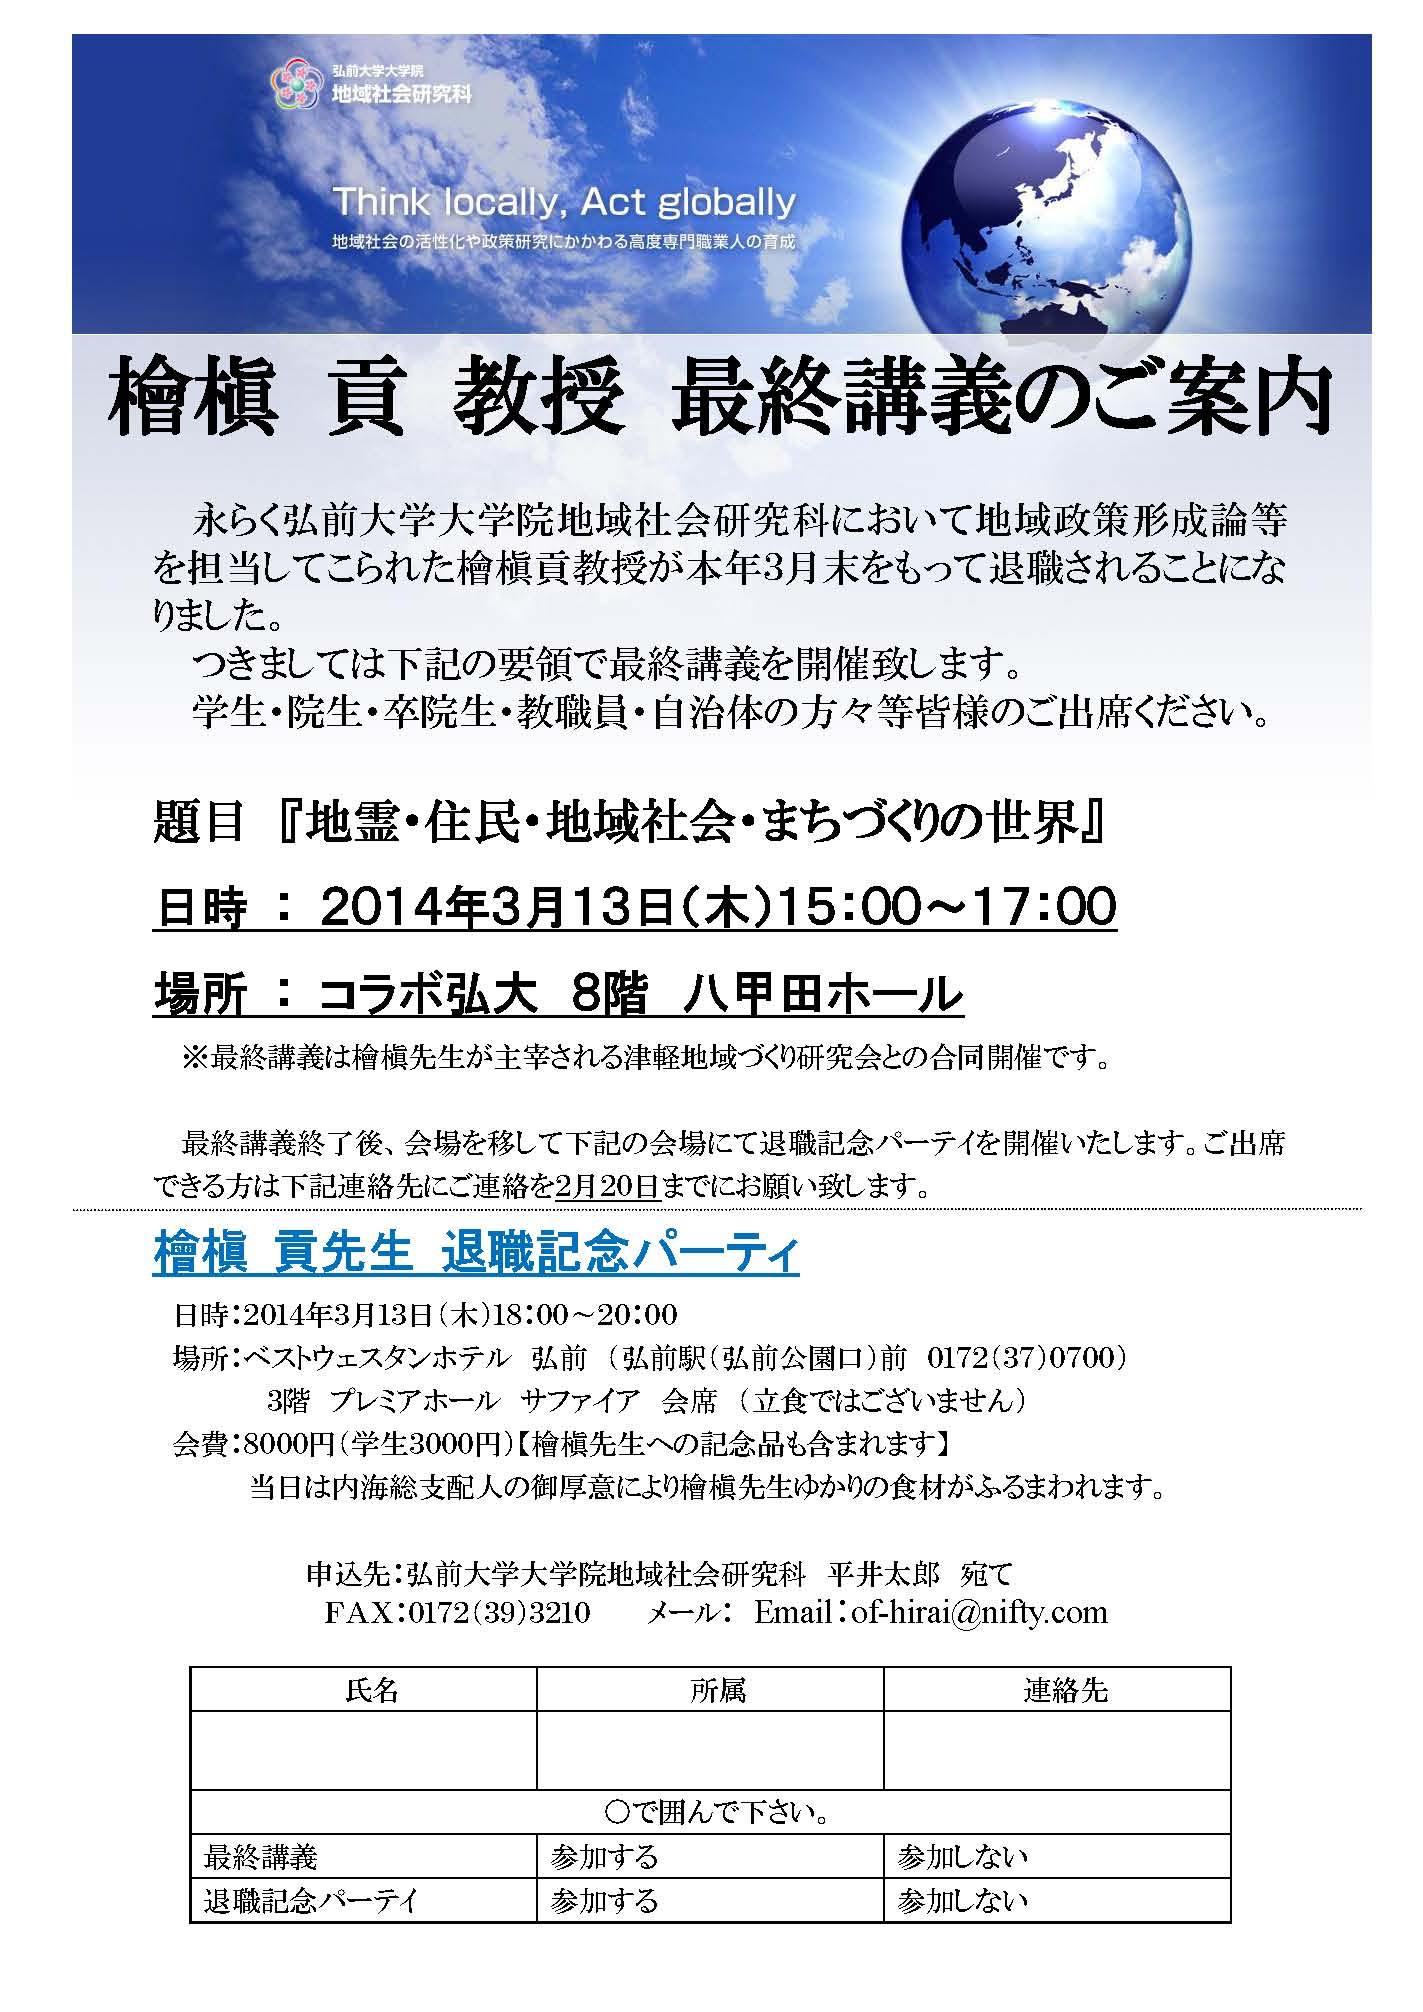 20140122檜槇最終講義・歓送会